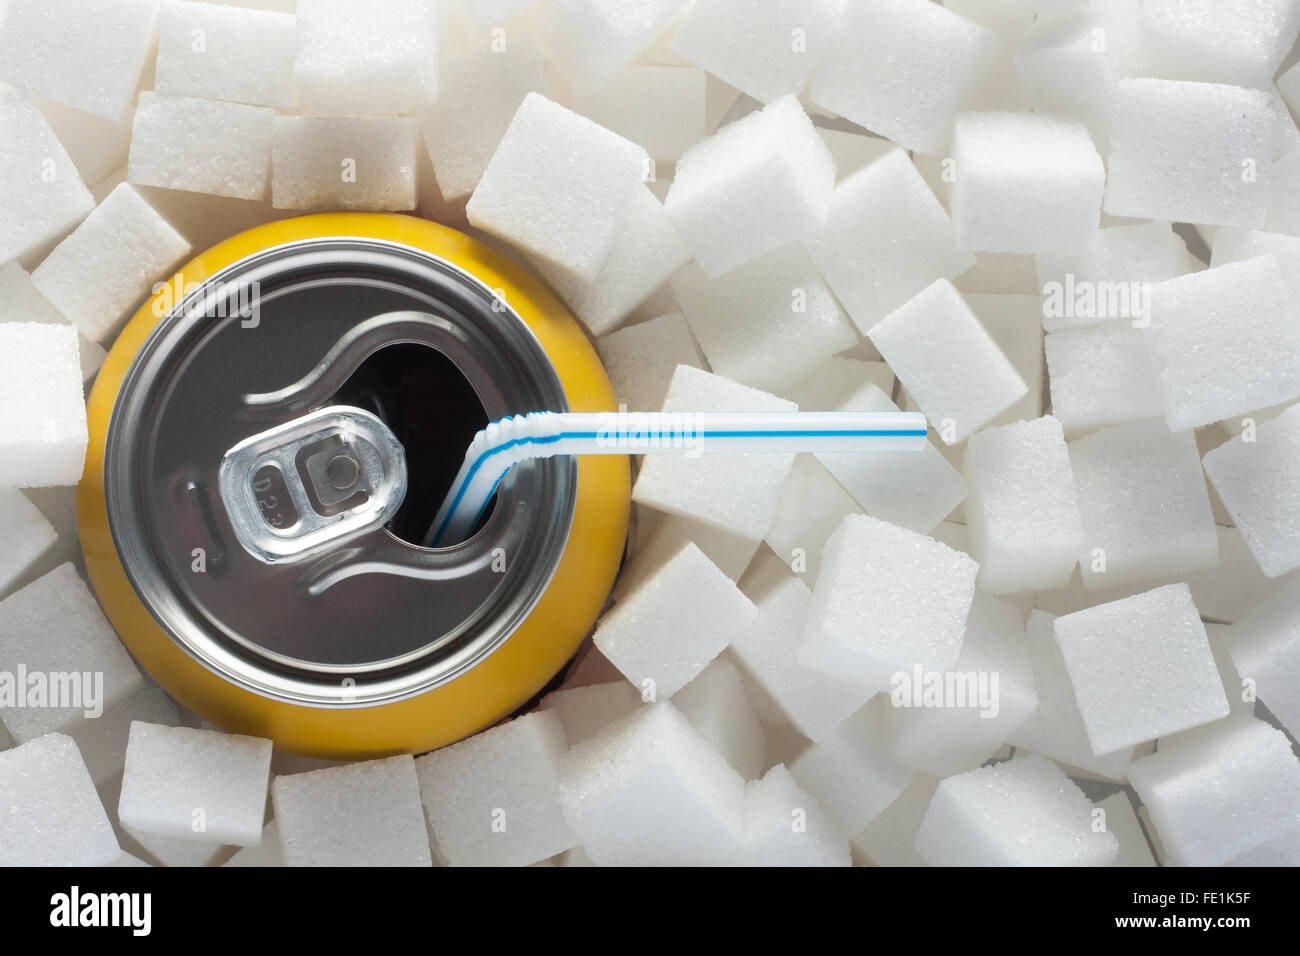 Cibo malsano concetto - zucchero nella bevanda gassata. Zollette di zucchero come sfondo e conserve di bere Immagini Stock